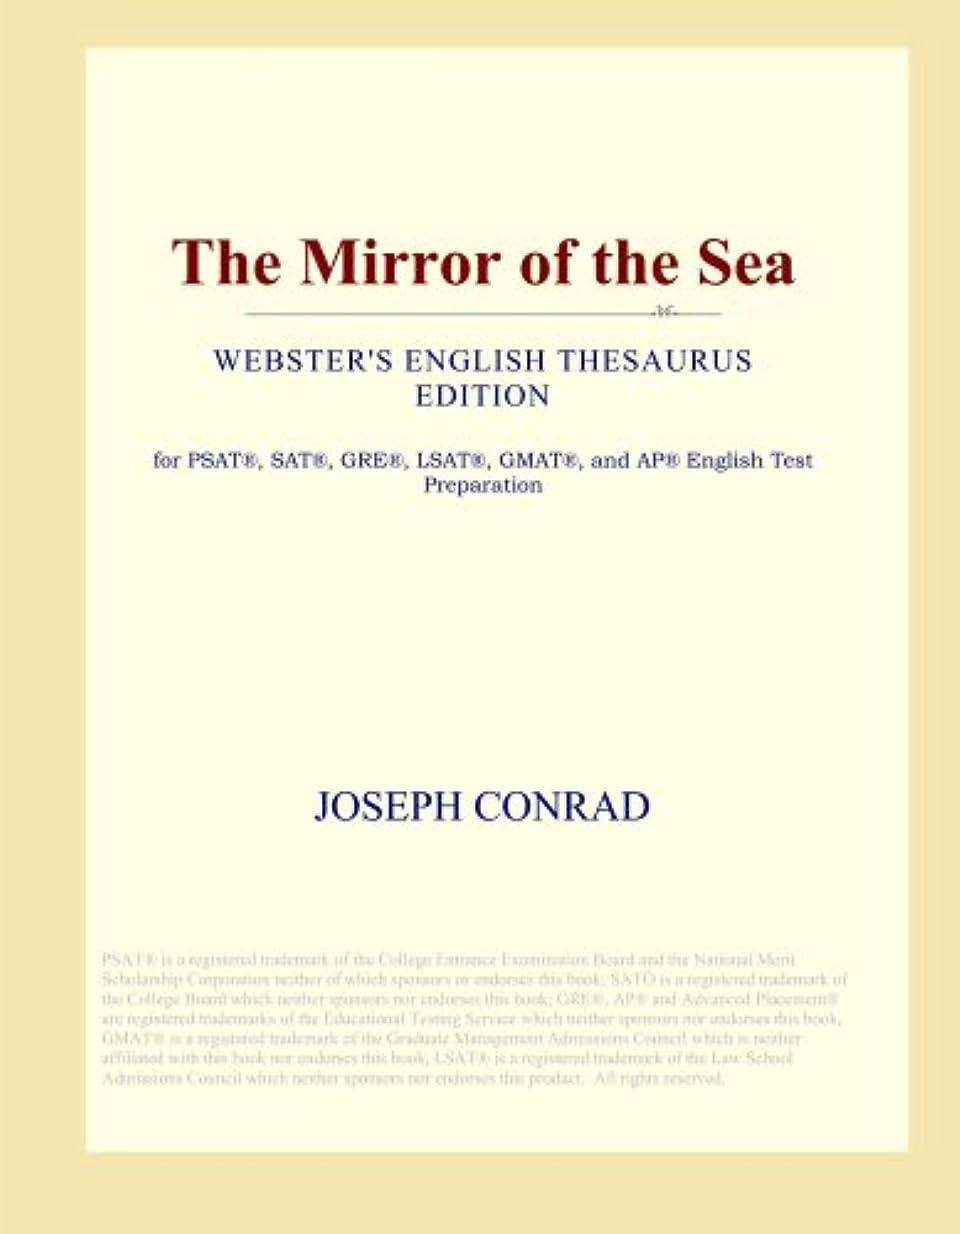 歩き回る打撃拮抗するThe Mirror of the Sea (Webster's English Thesaurus Edition)